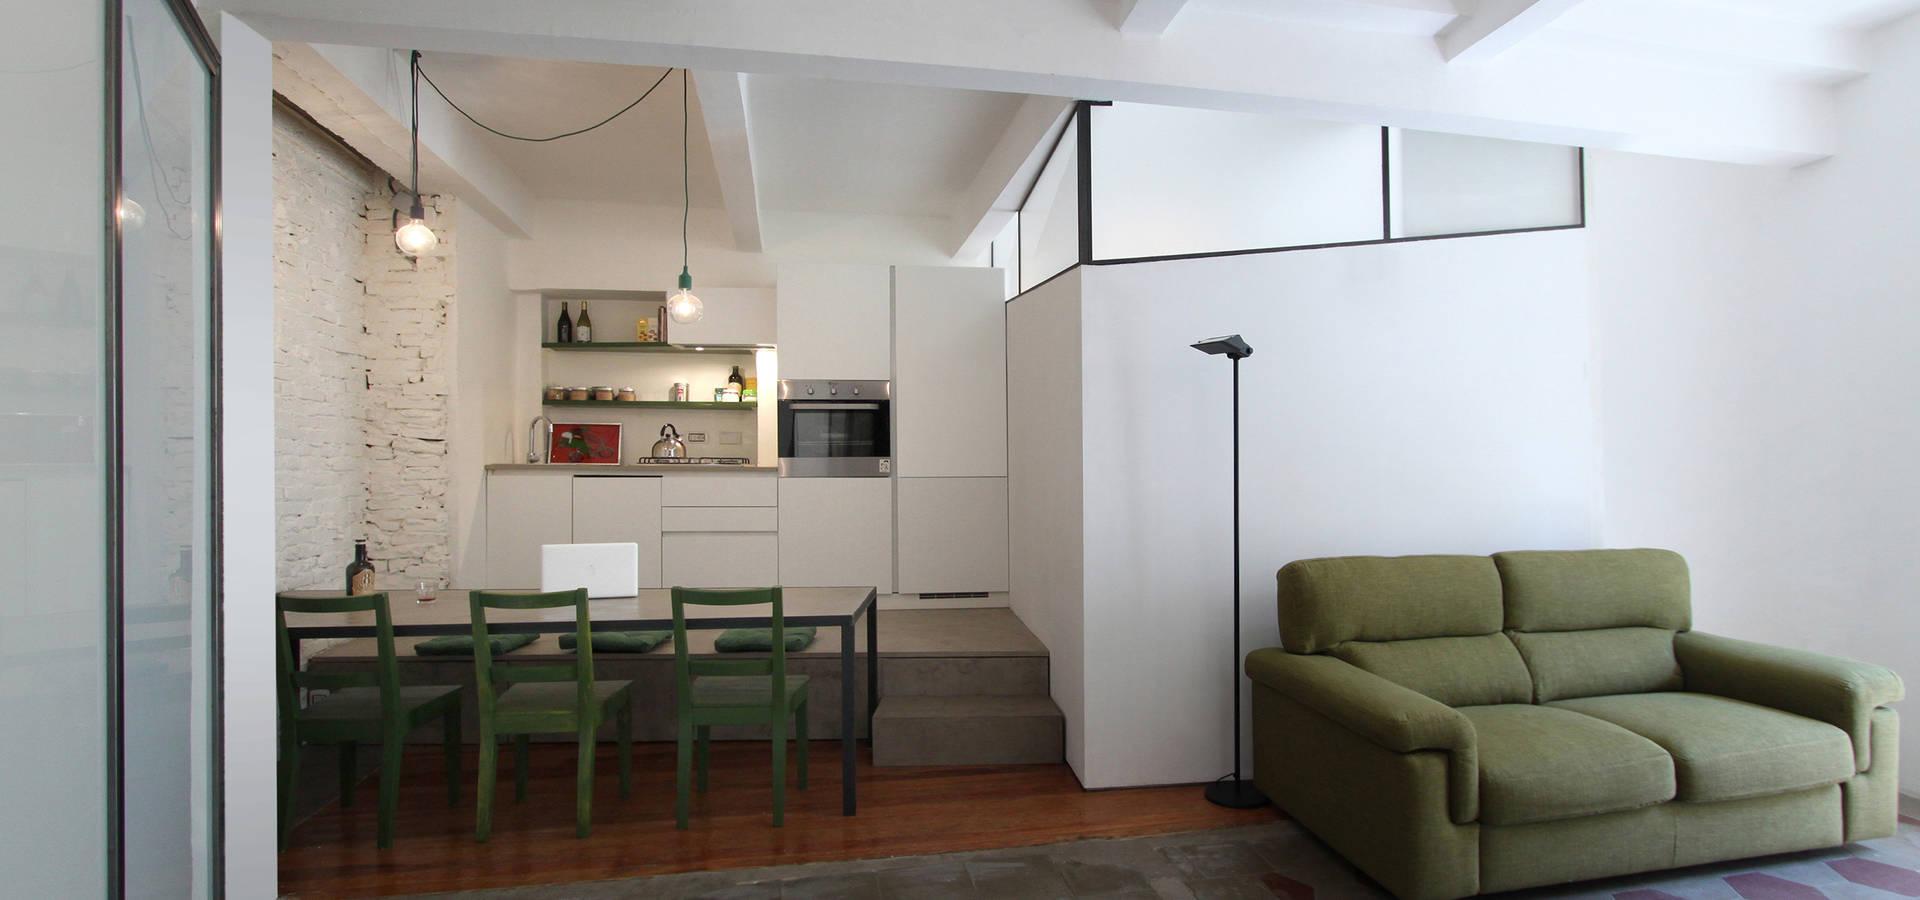 diegogiovannenza|architetto